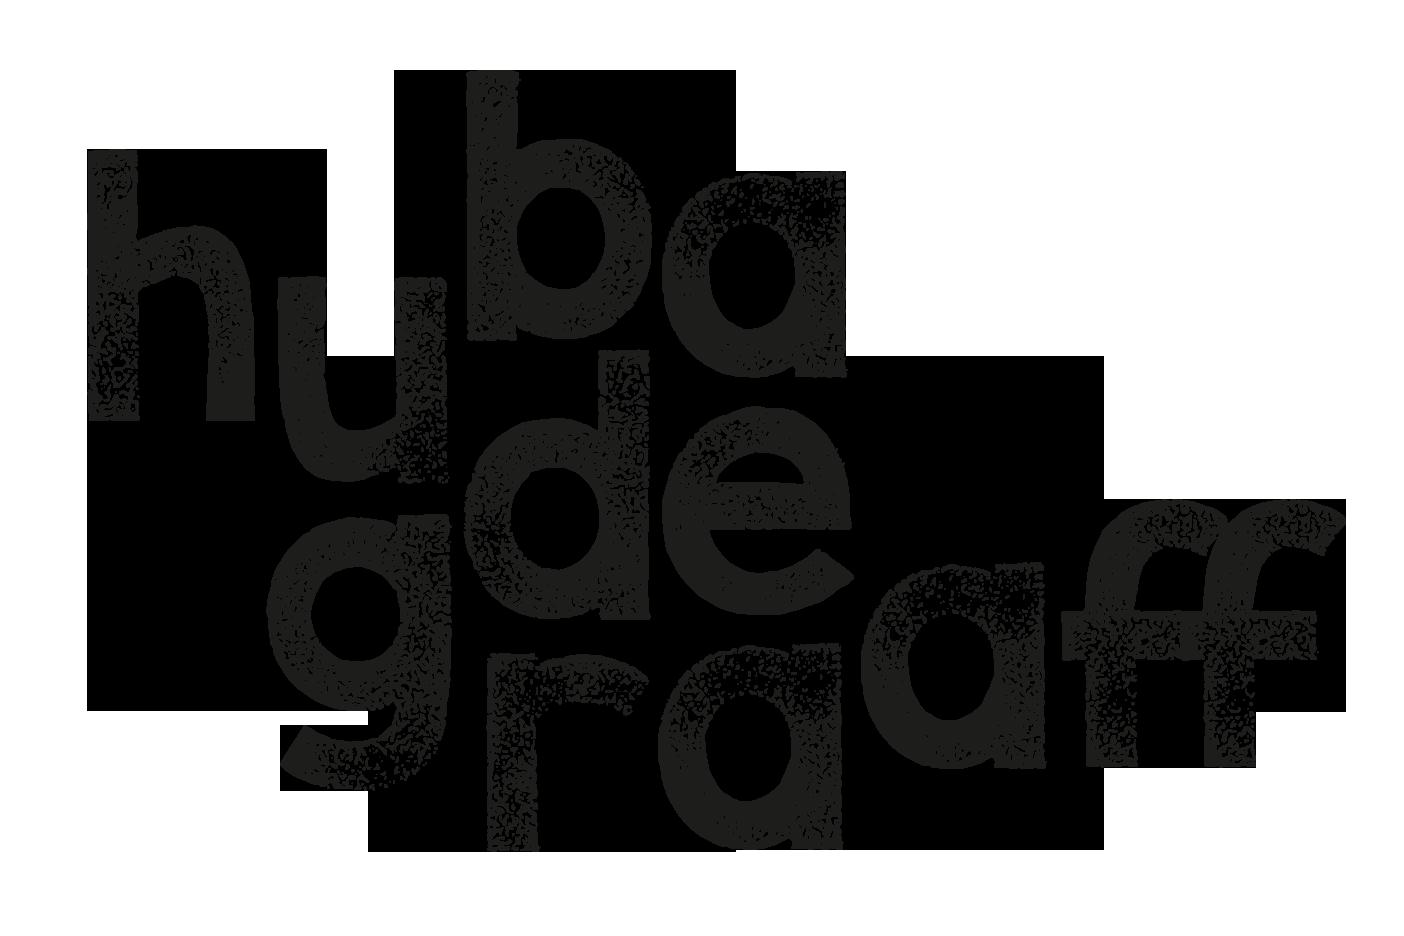 Huba de Graaff